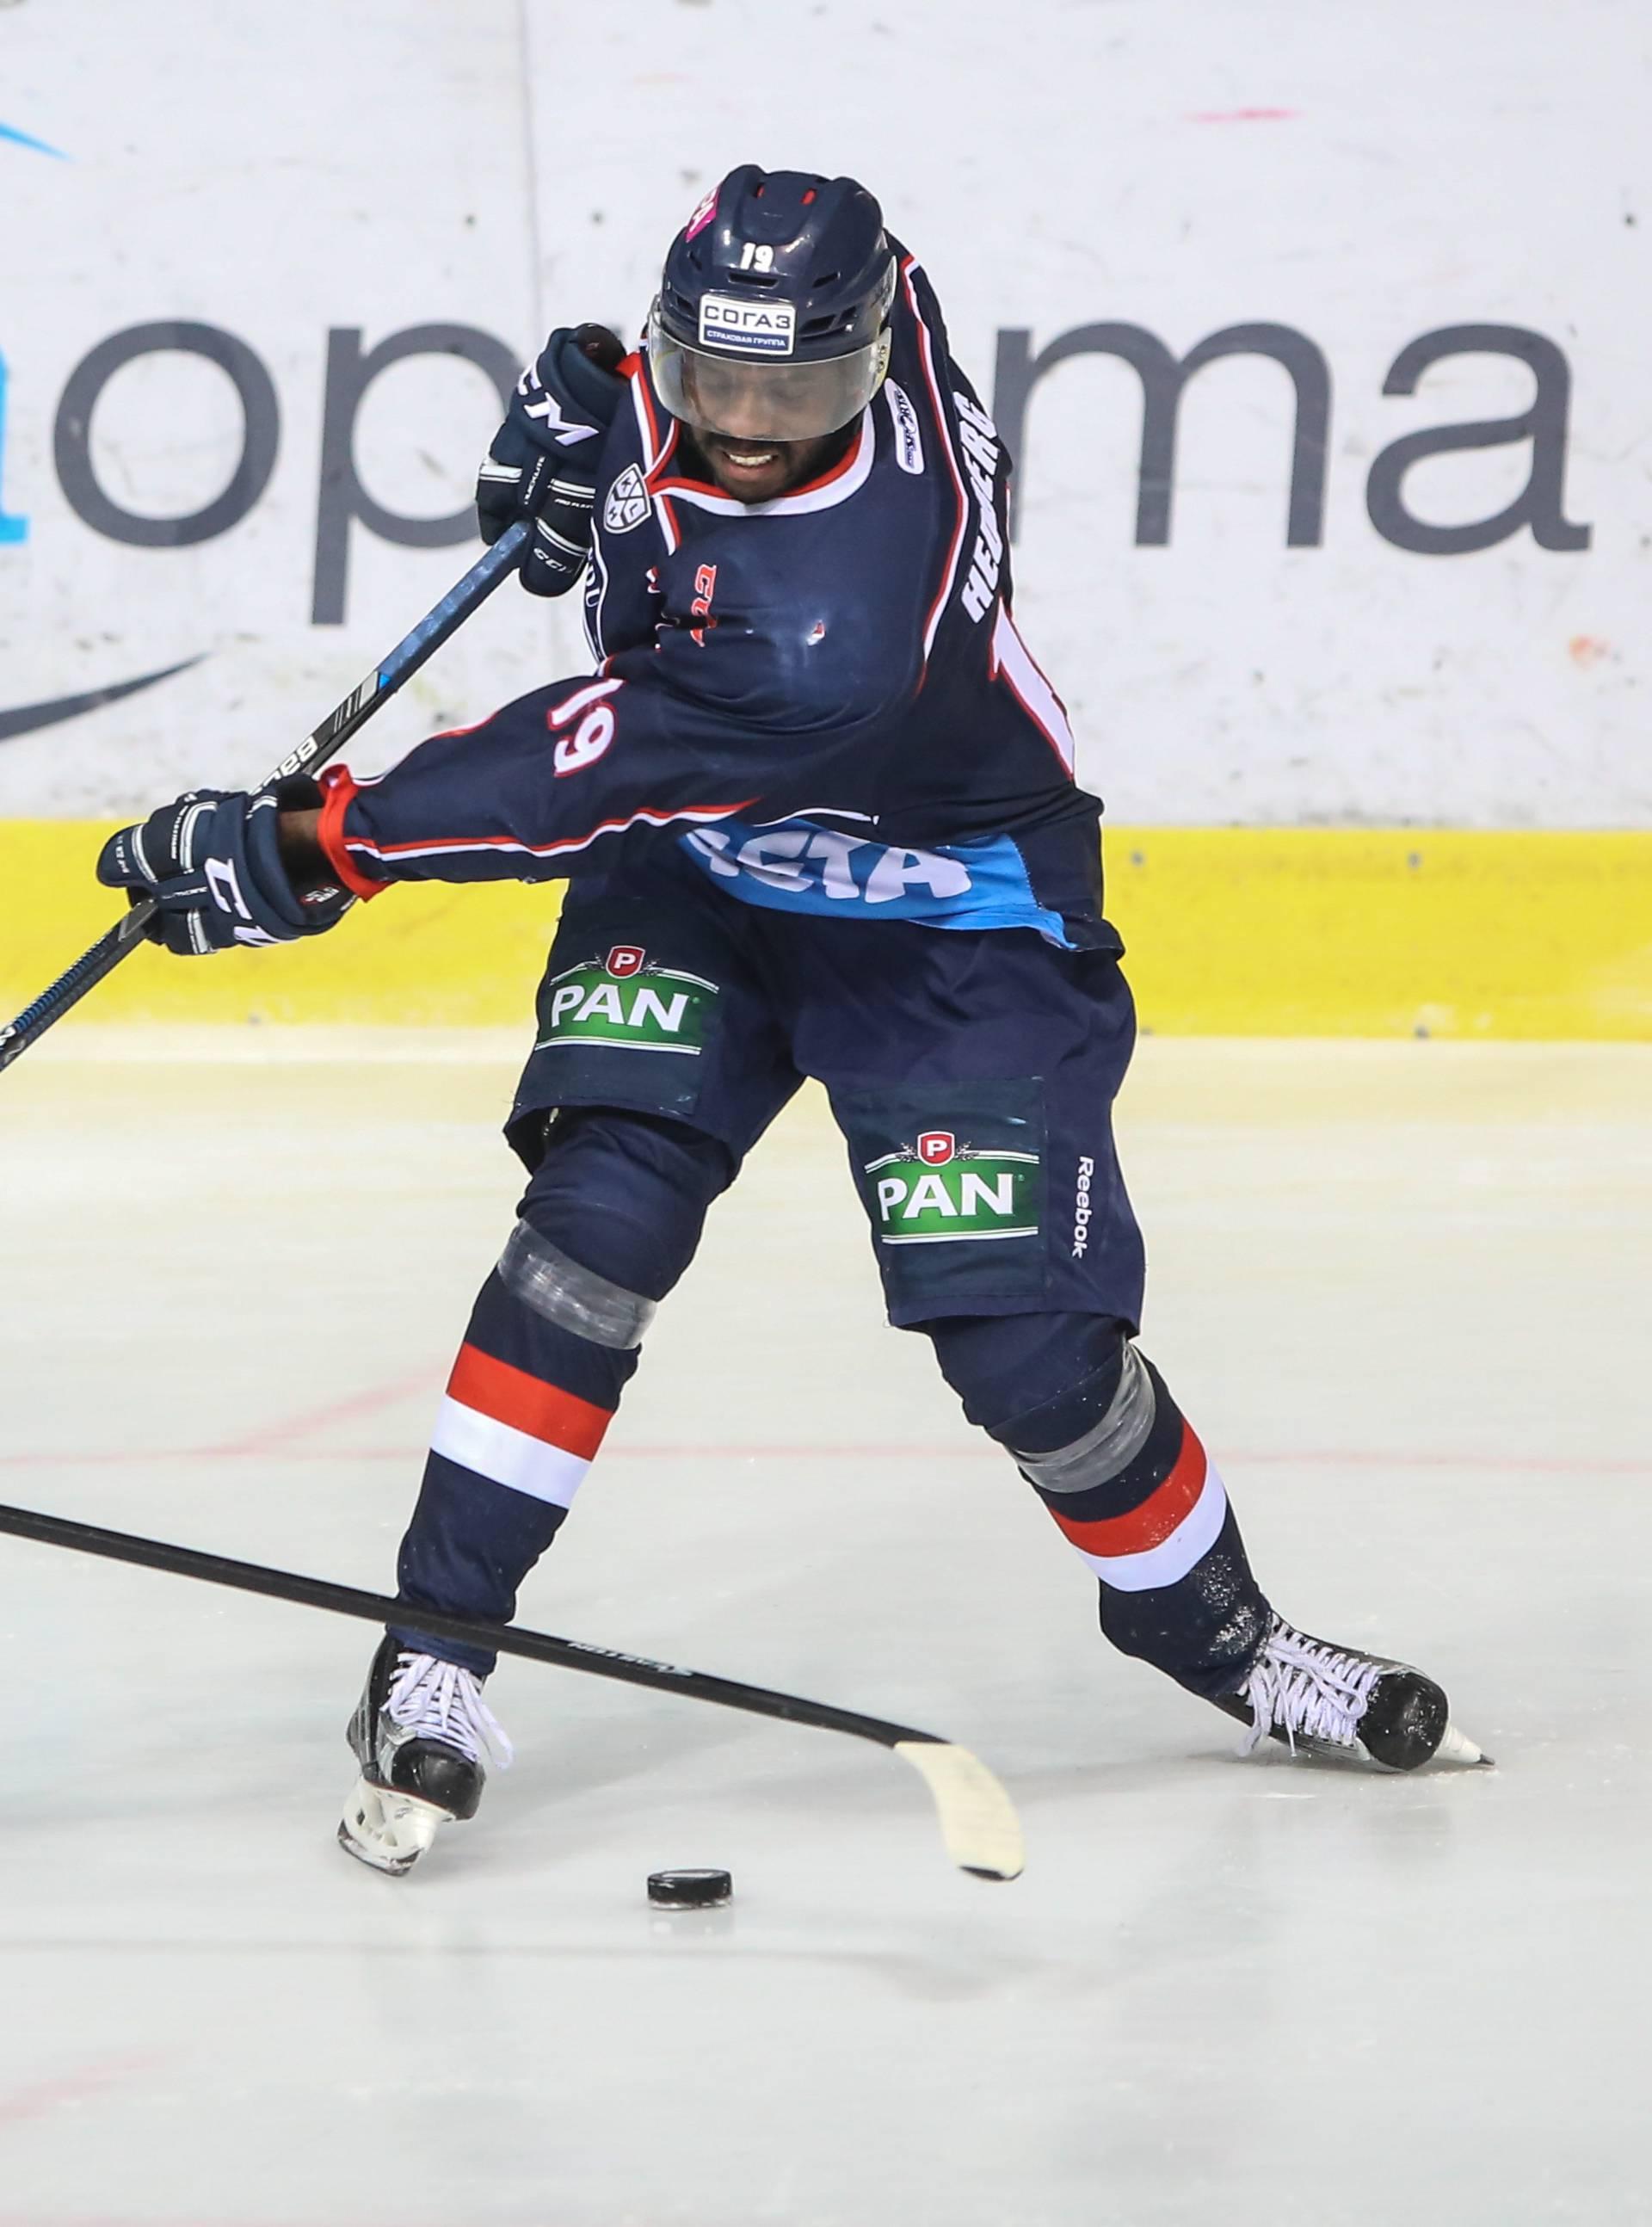 KHL Medvescak - Avangard Omsk